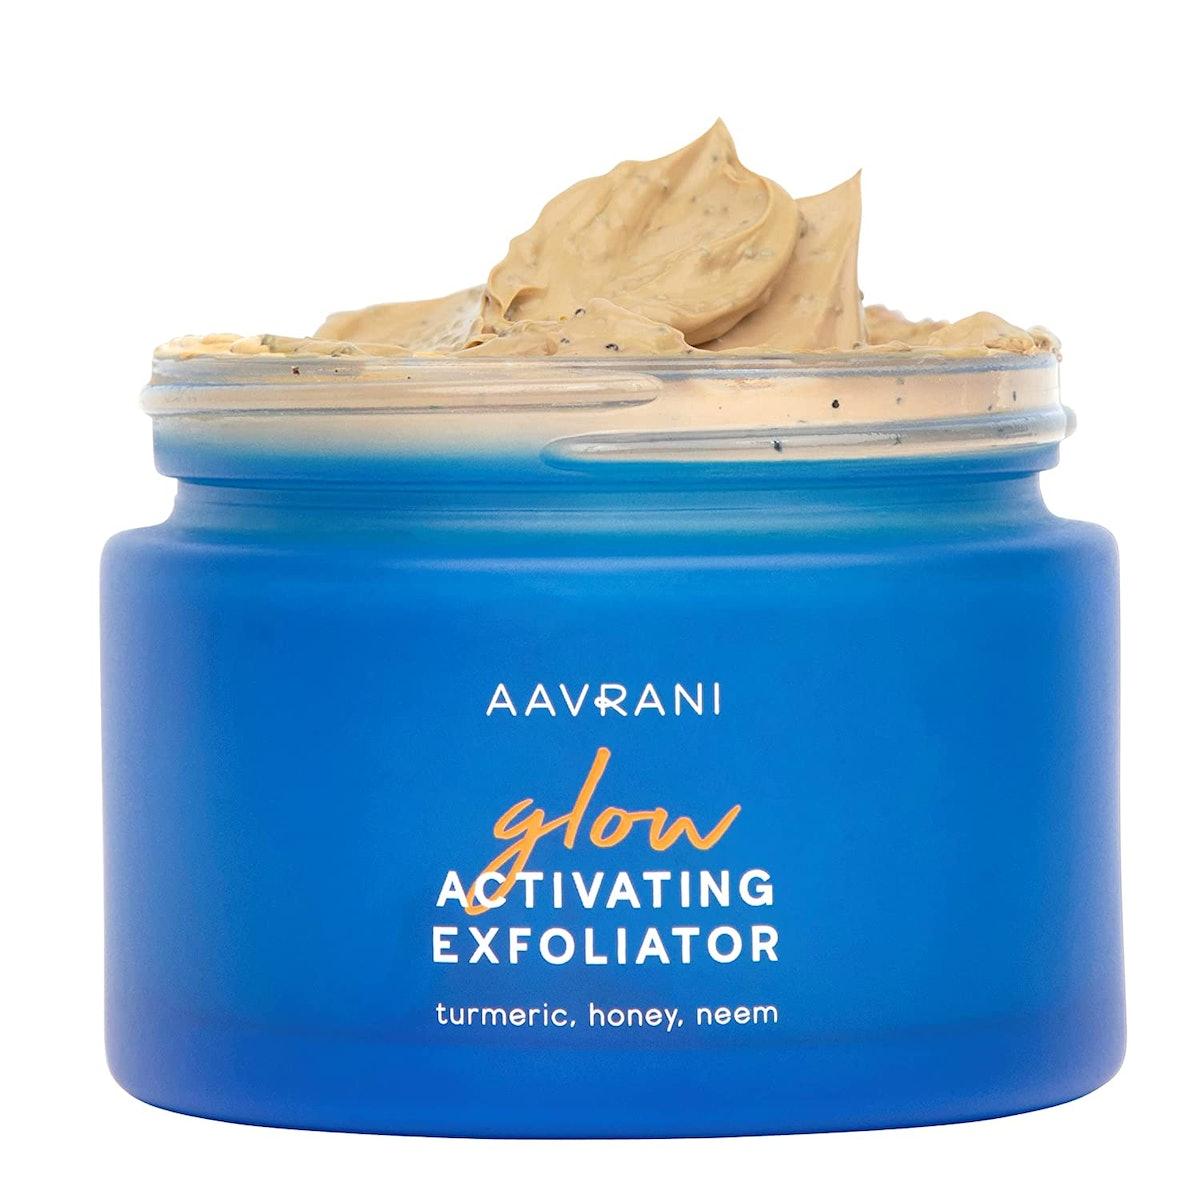 AAVRANI Glow Activating Exfoliator